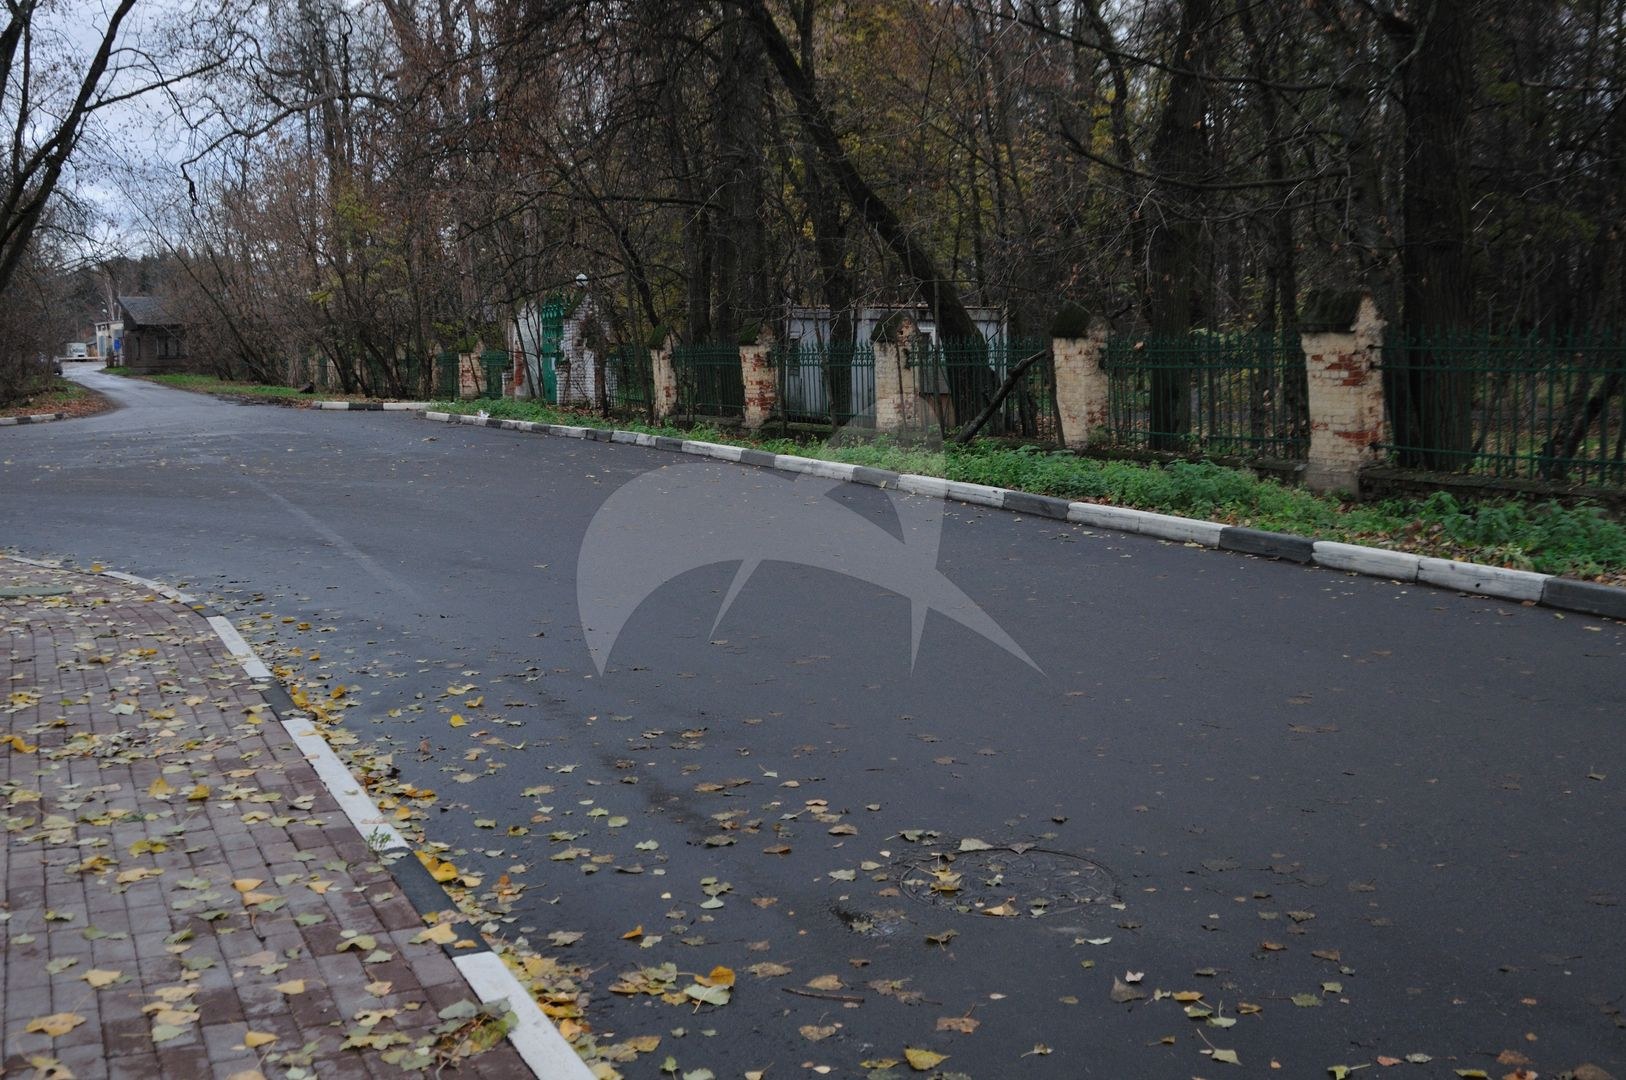 Парк, усадьба С.Т.Морозова «Успенское», в которой в 1897г. жил художник Левитан Исаак Ильич и бывал писатель Чехов Антон Павлович